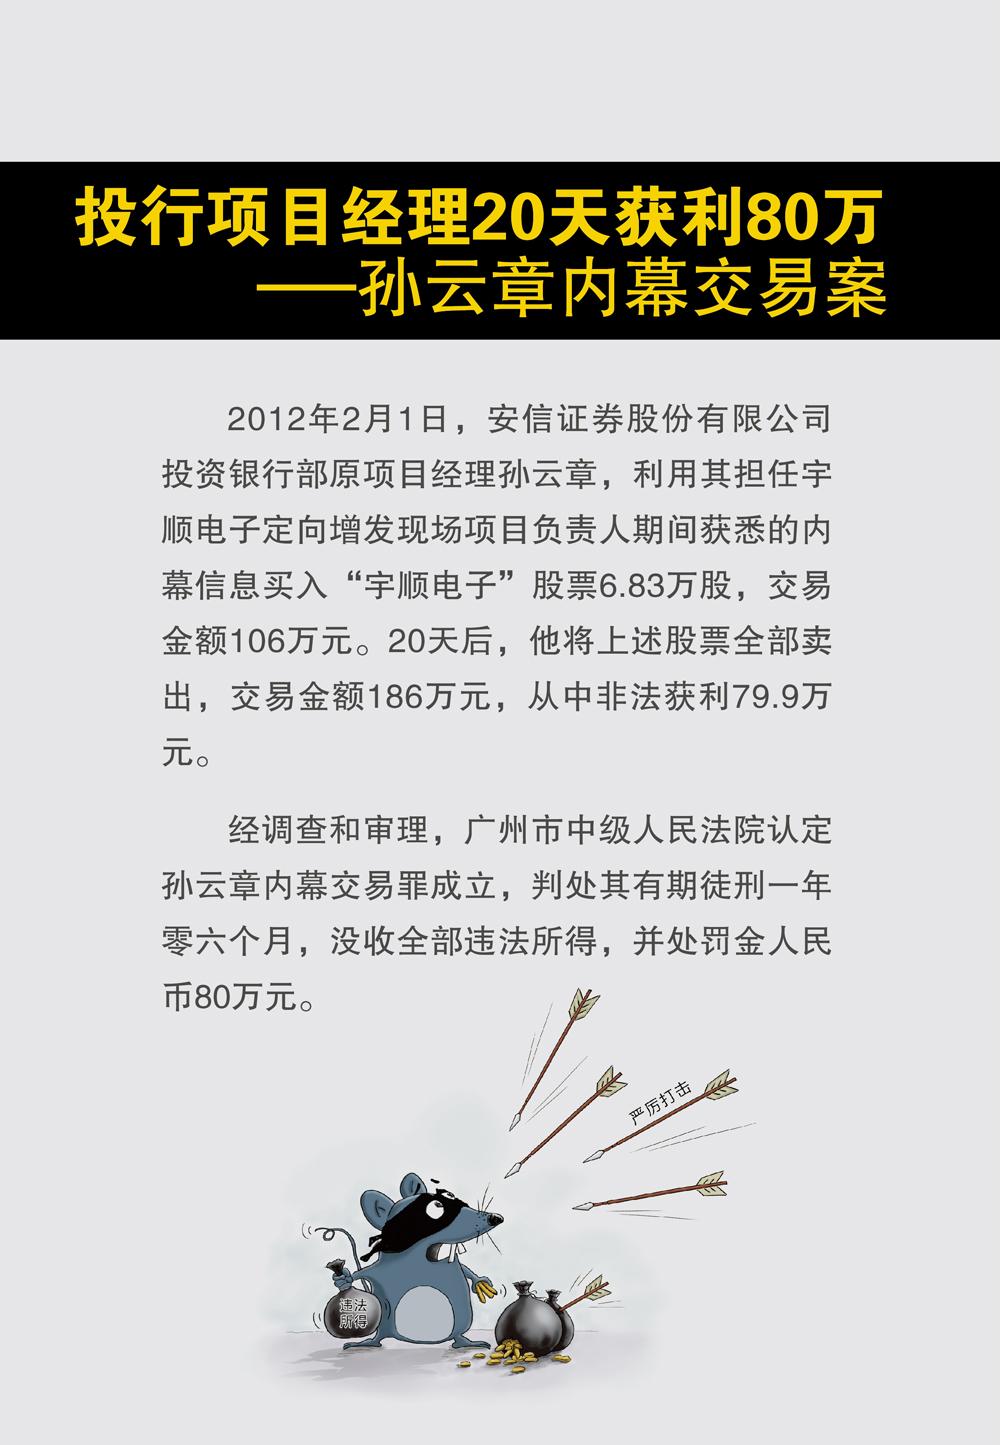 上海证监局内幕交易教育警示展30